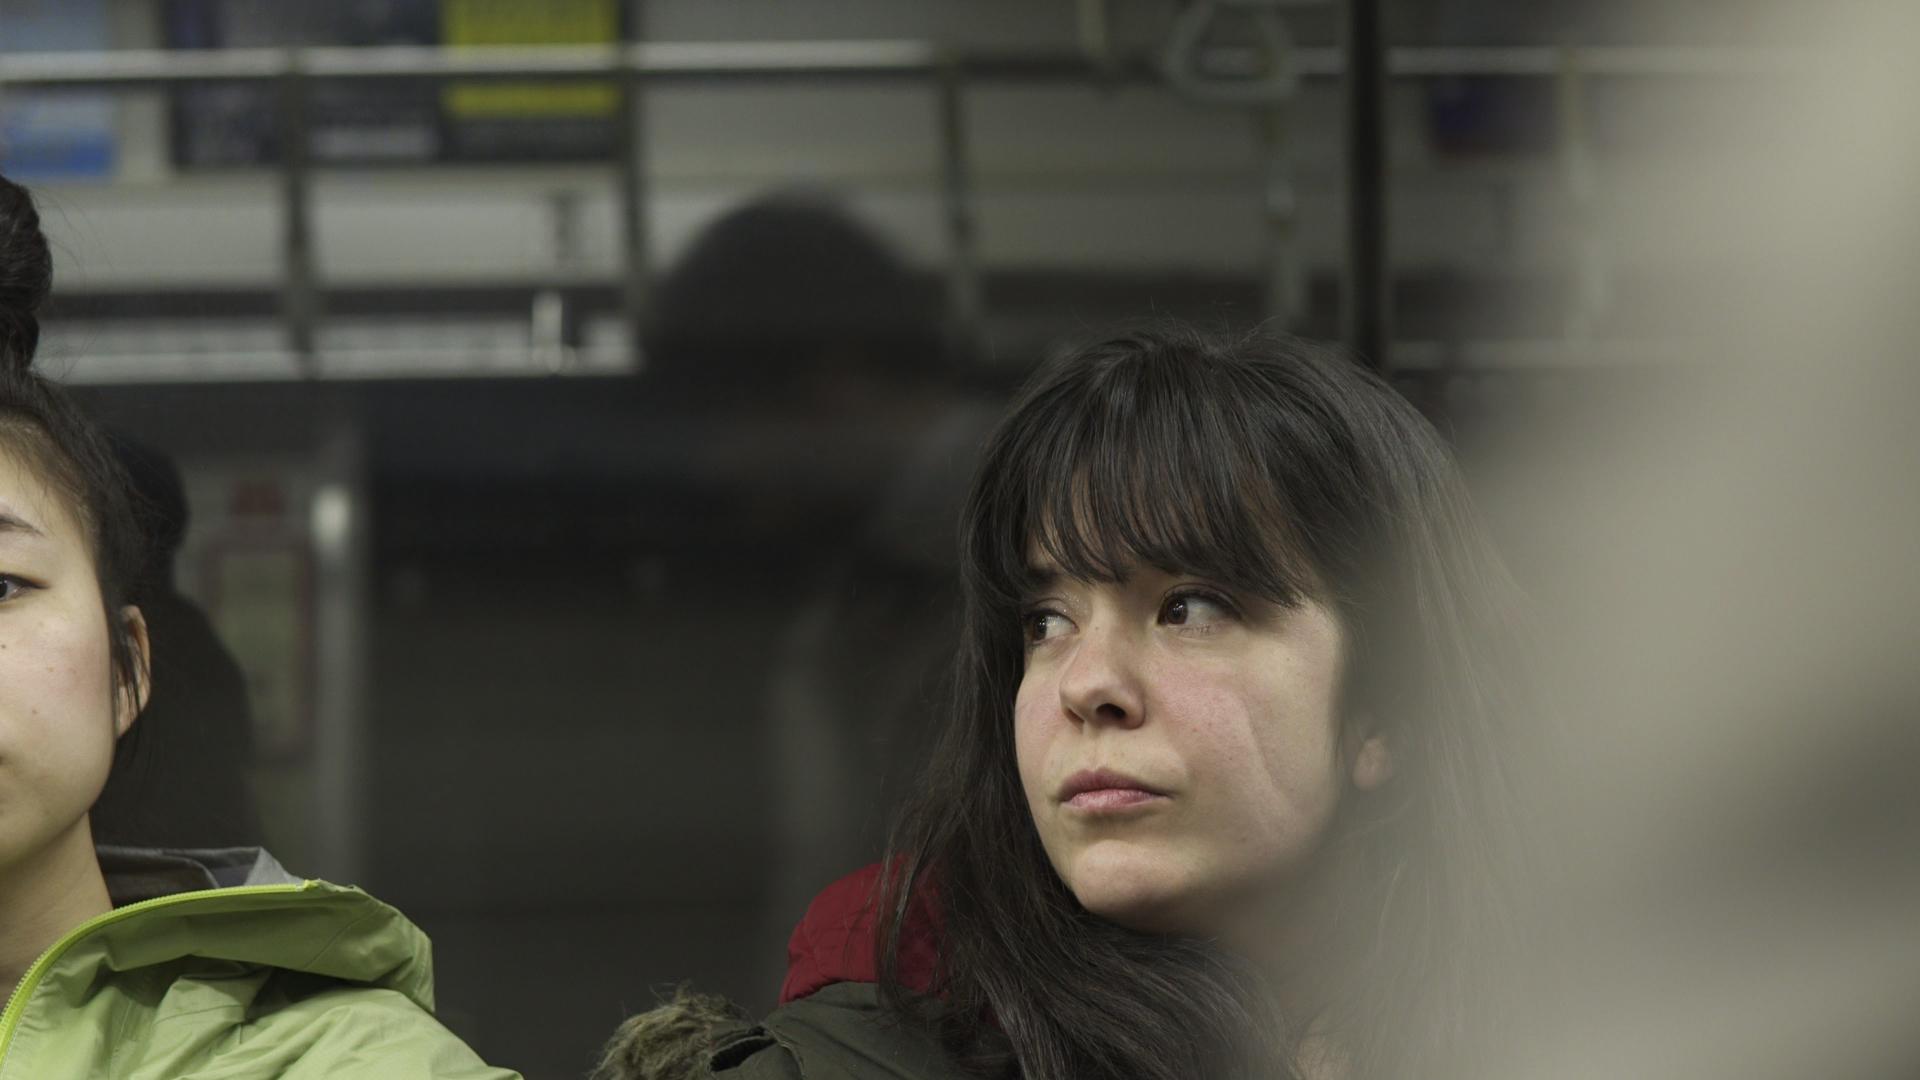 Mária on the train.